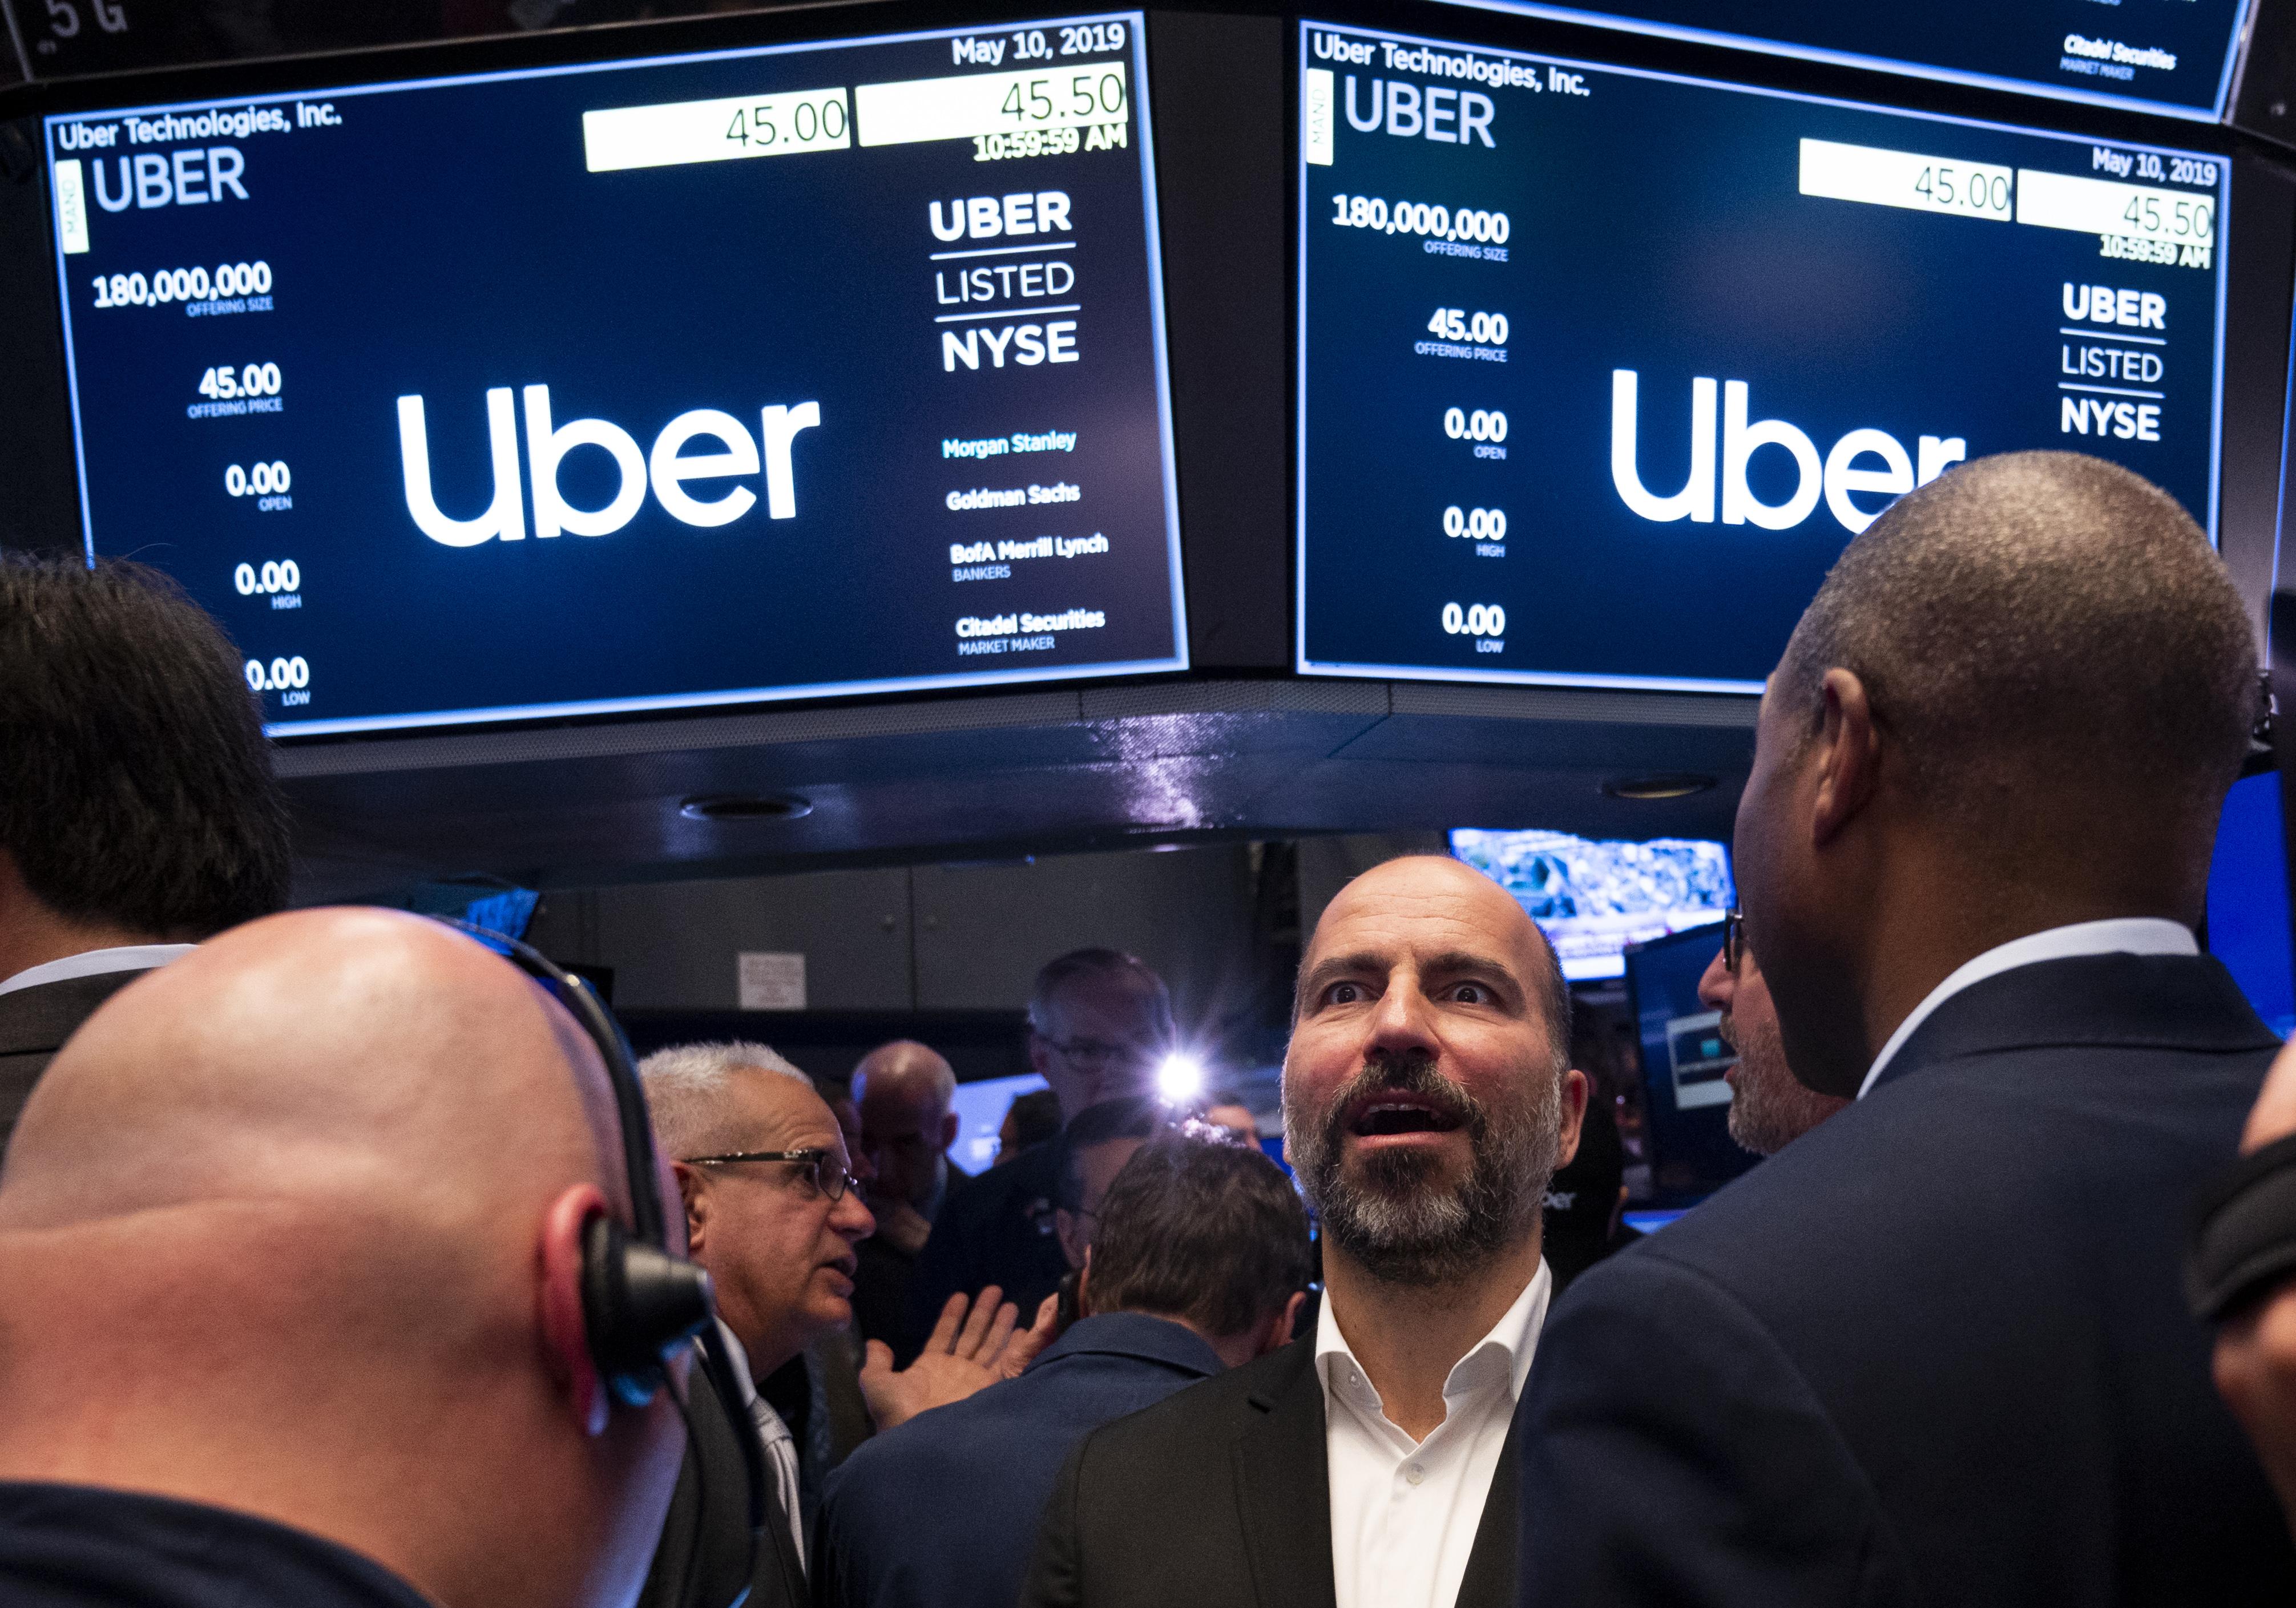 A Wall Street nagybankjai fújhatták fel irreálisra az Uber értékét, ezért lett komoly kudarc a tőzsdei bevezetés